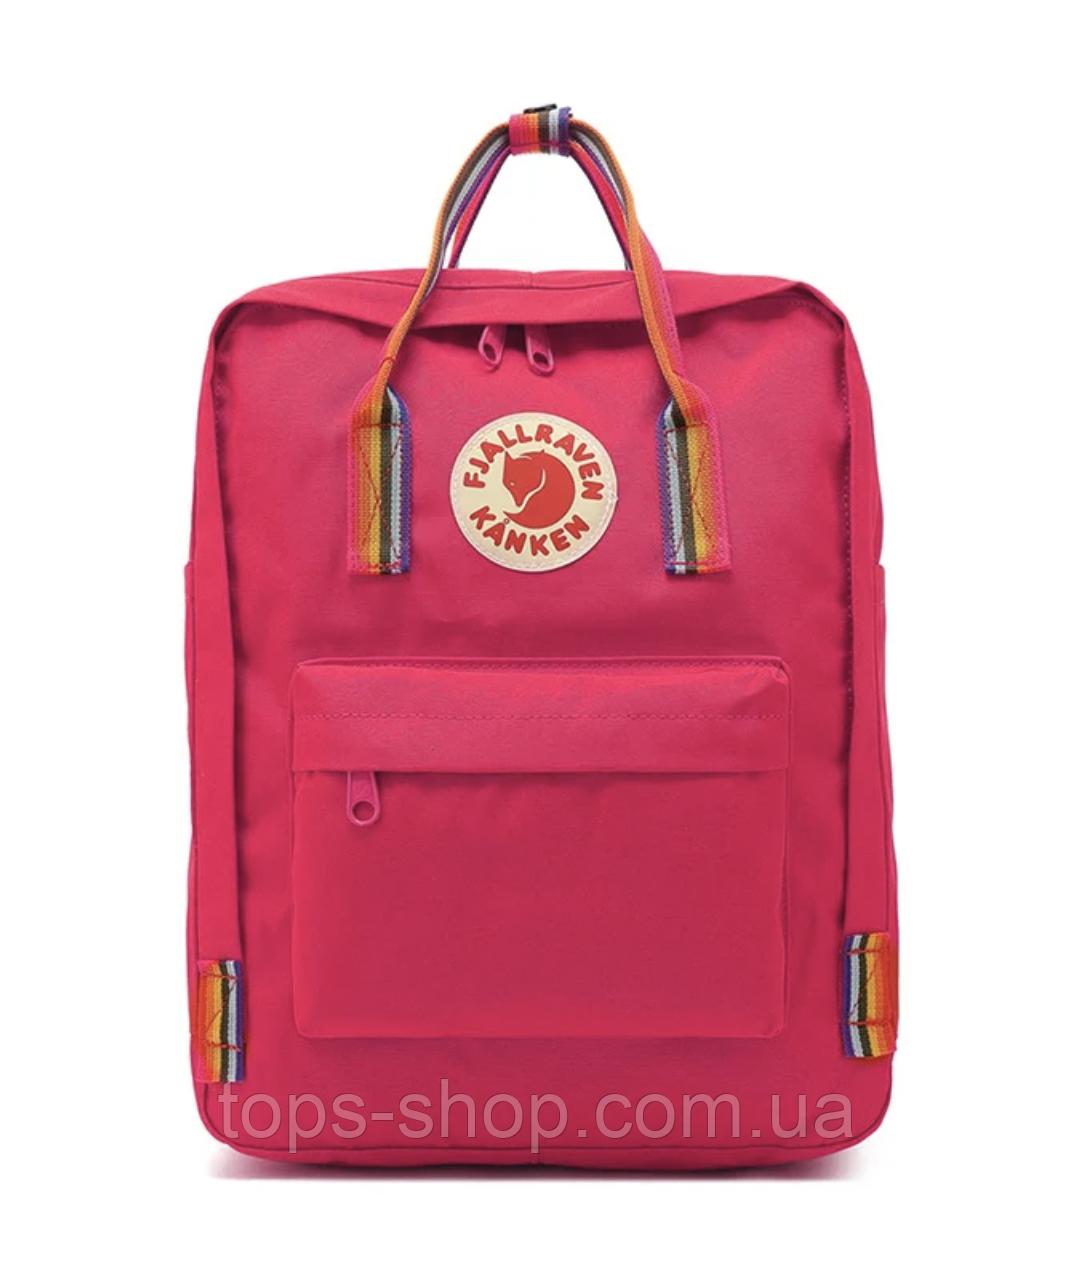 Рюкзак канкен kanken fjallraven школьный | портфель | ранец c радужными ручками, лямками 16л Малиновый